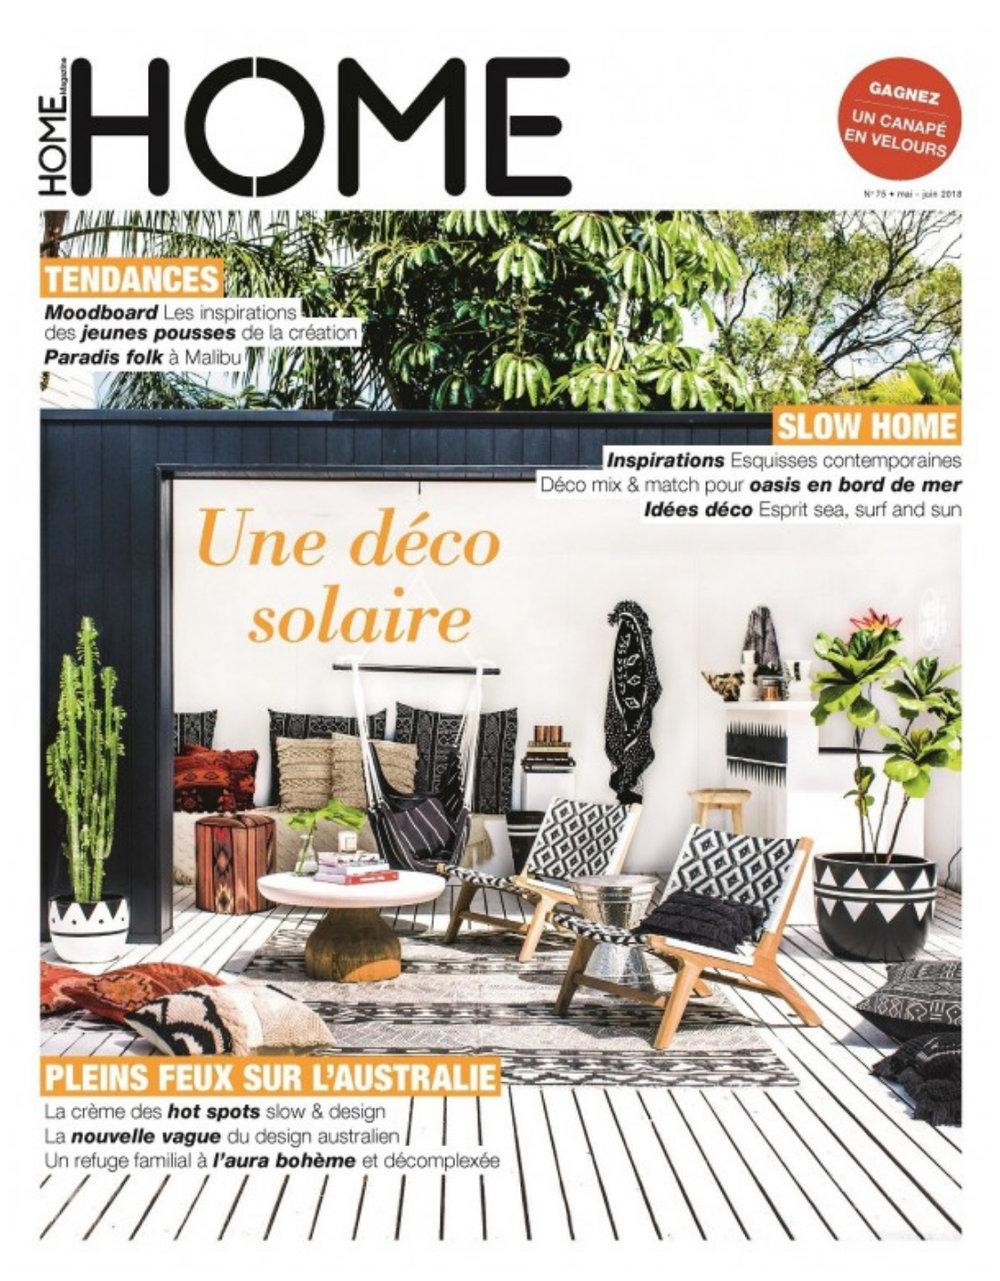 Erin+melbourne+Melbourne+woodwork+design+for+Home+france+magazine+issue+75+woodworker+1.jpg